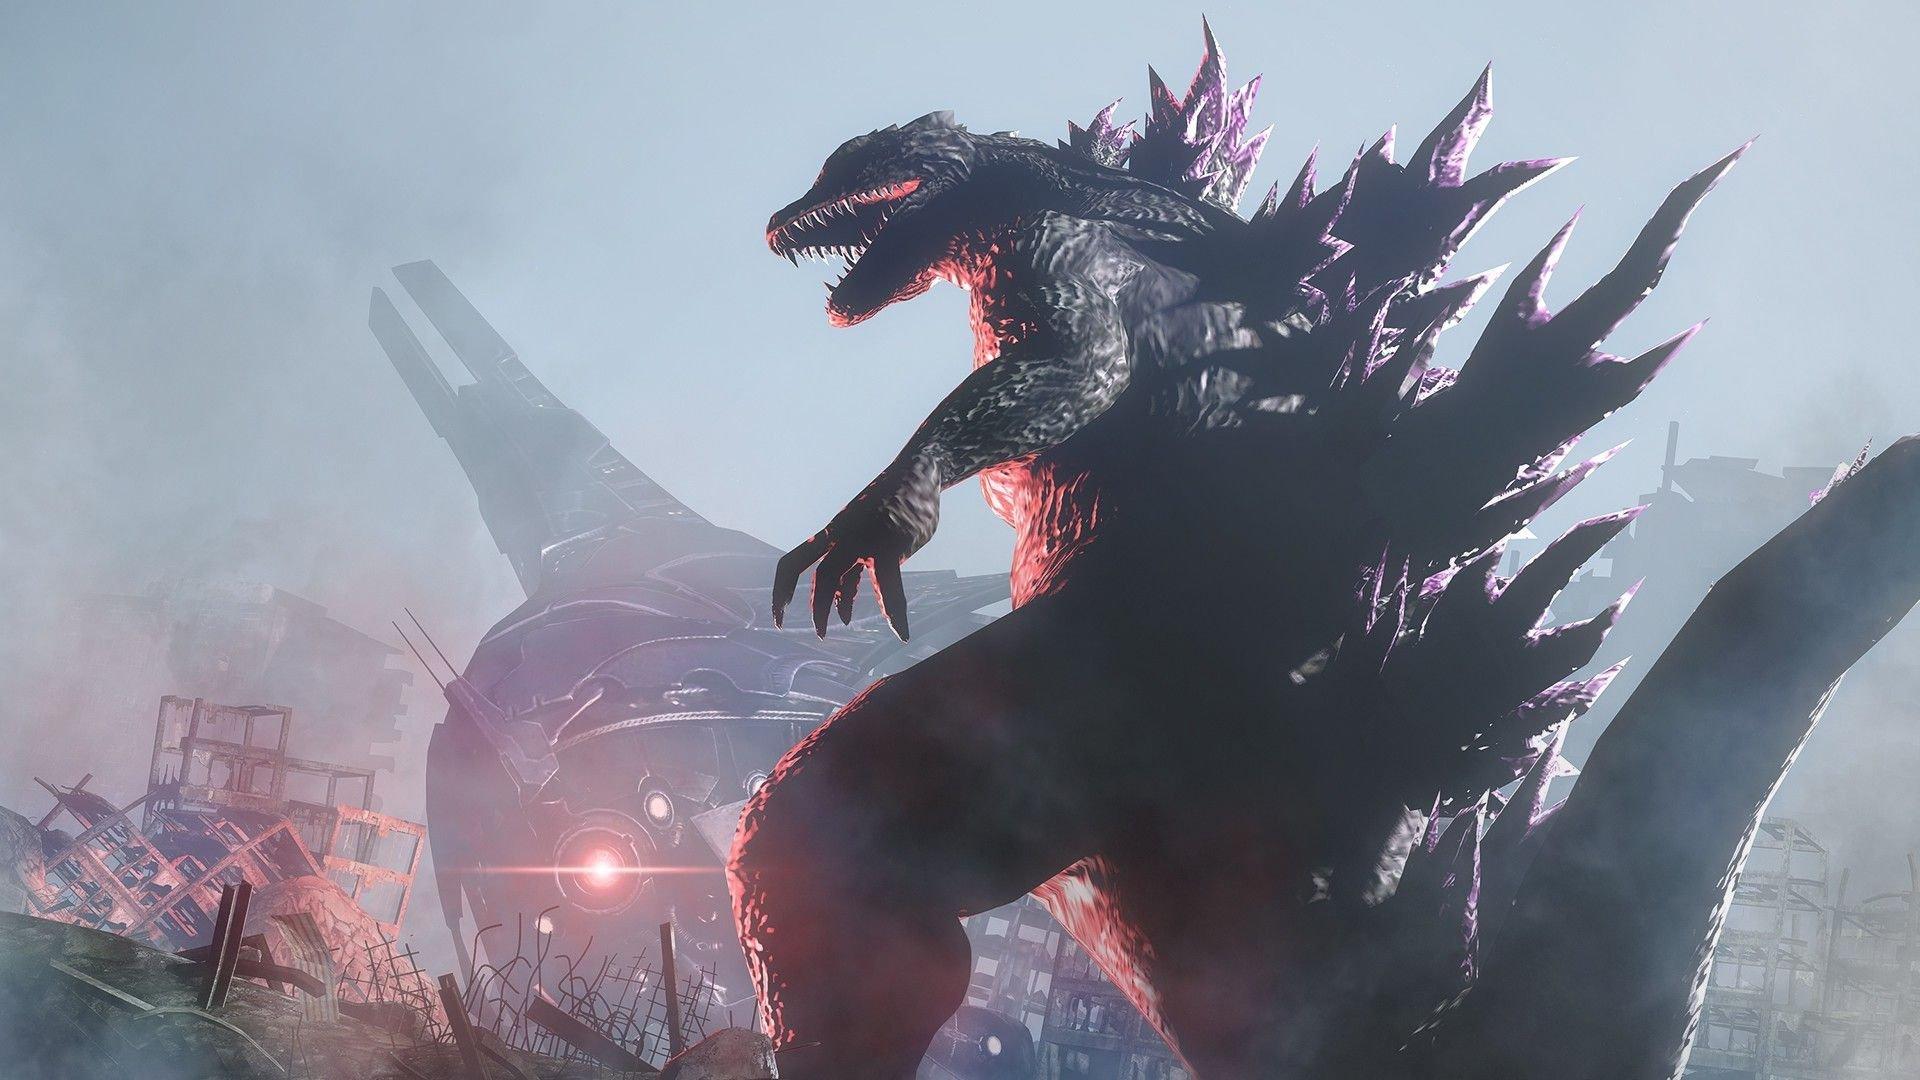 wallpaper godzilla monster dinosaur - photo #5